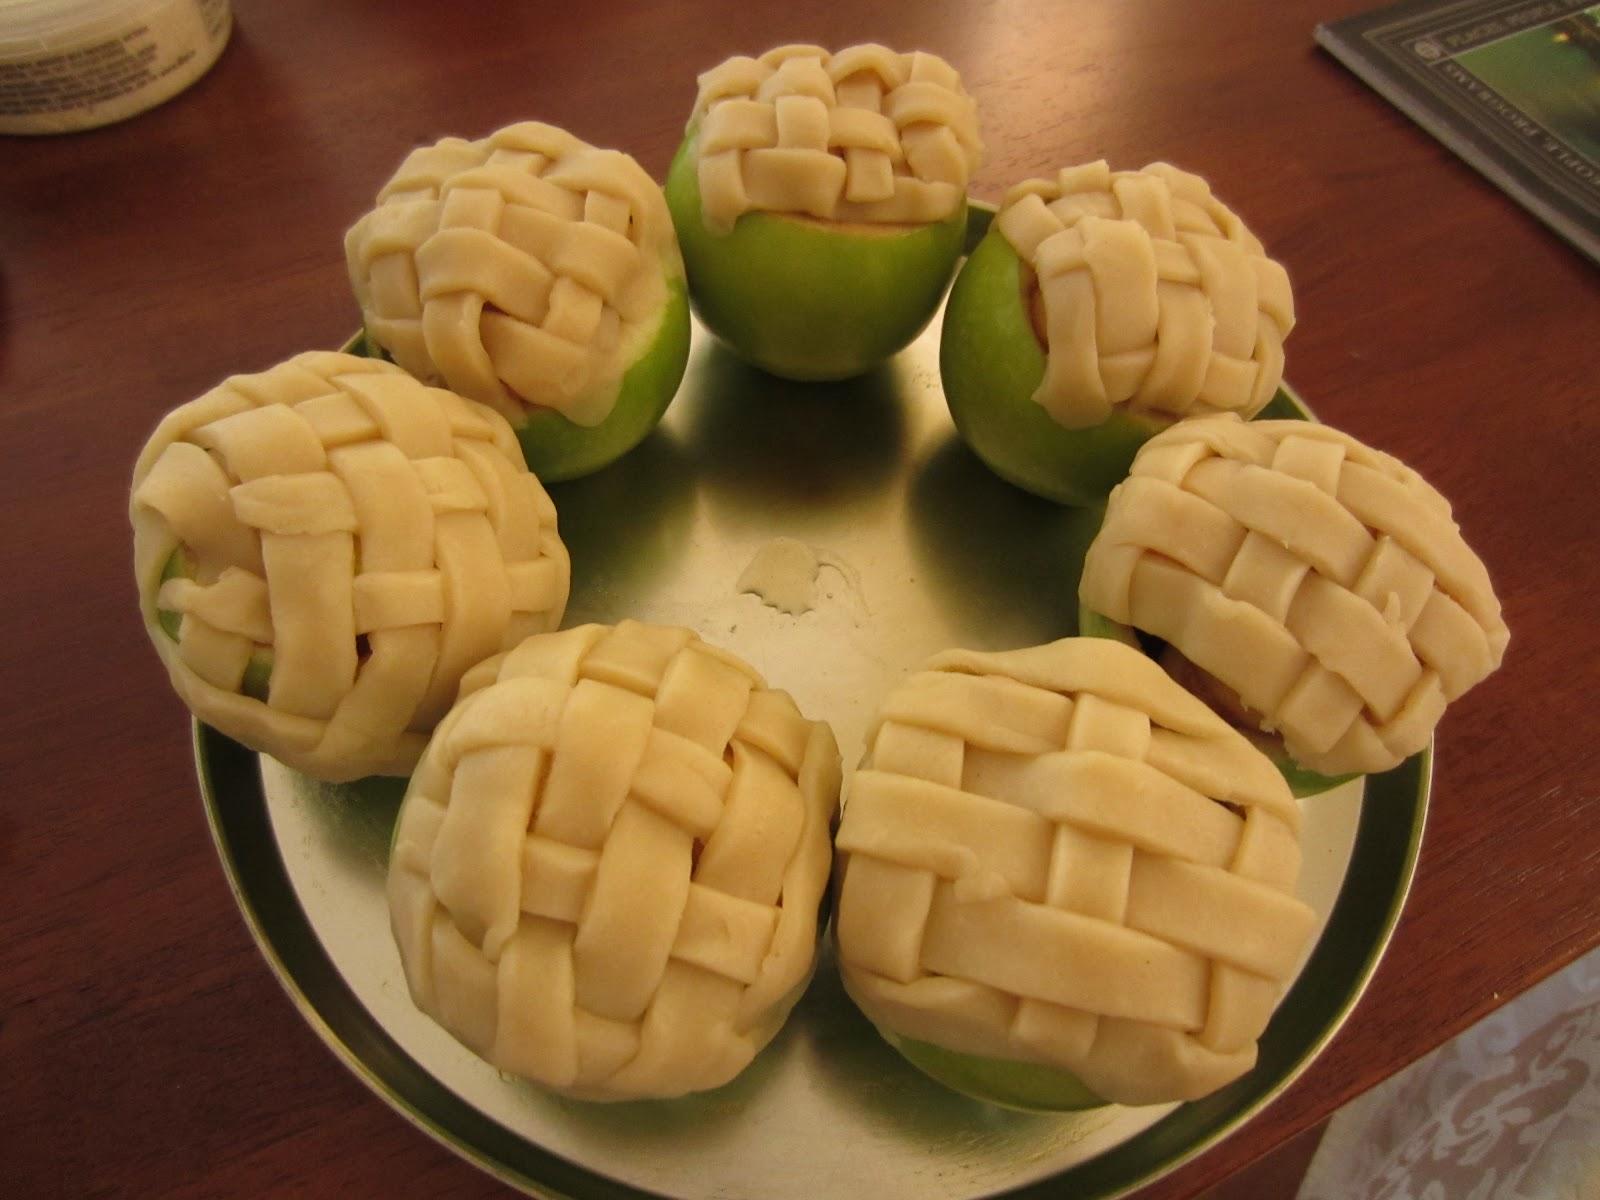 Apple Pie Baked in Apple Recipe- Inspired from Pinterest! – EATING ...